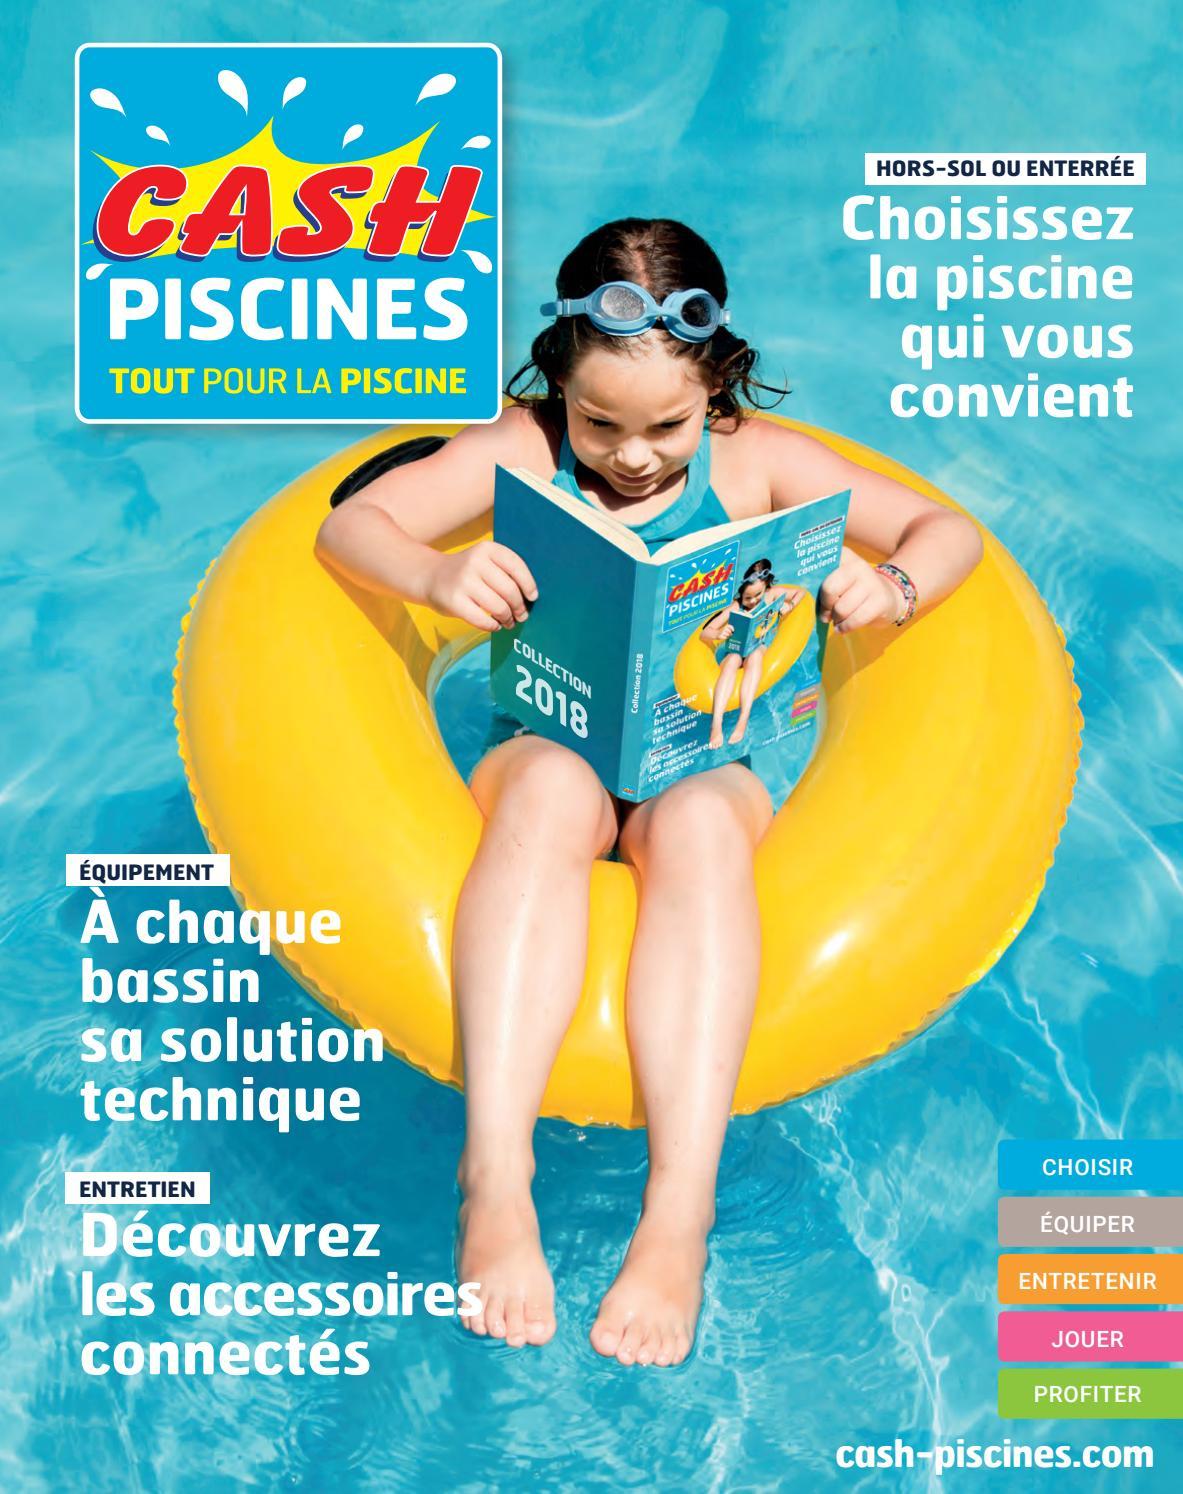 Catalogue Cash Piscine 2018 By Octave Octave - Issuu pour Cash Piscine Toulon